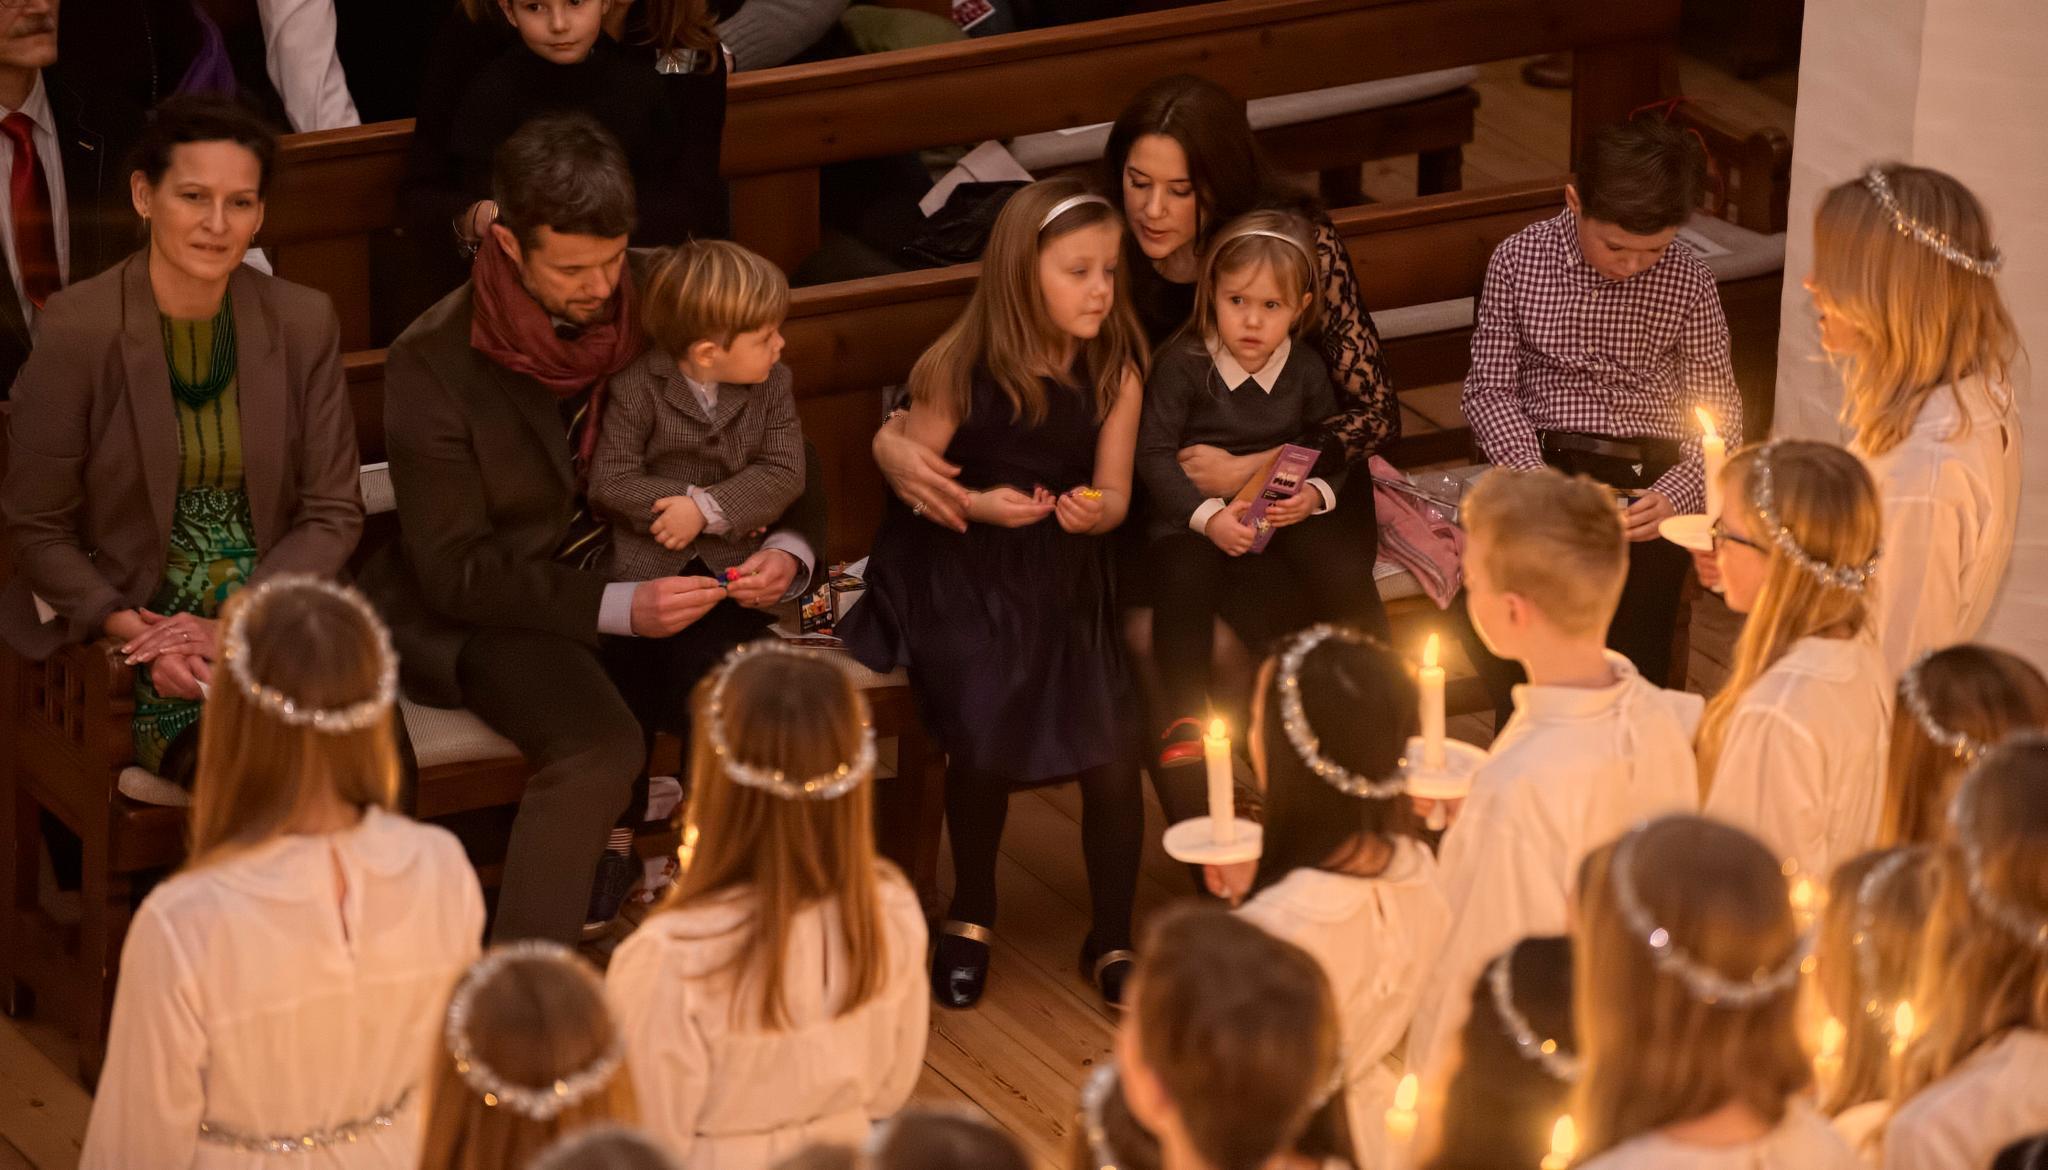 Auch das gehört in Dänemark zu Weihnachten: Prinz Frederik und Prinzessin Mary sind mit ihren Kindern zu einem Konzert in der Esajas Kirche in Kopenhagen. Lucia-Kinder mit Kerzen in den Händen und langen, weißen Gewändern singen für sie.